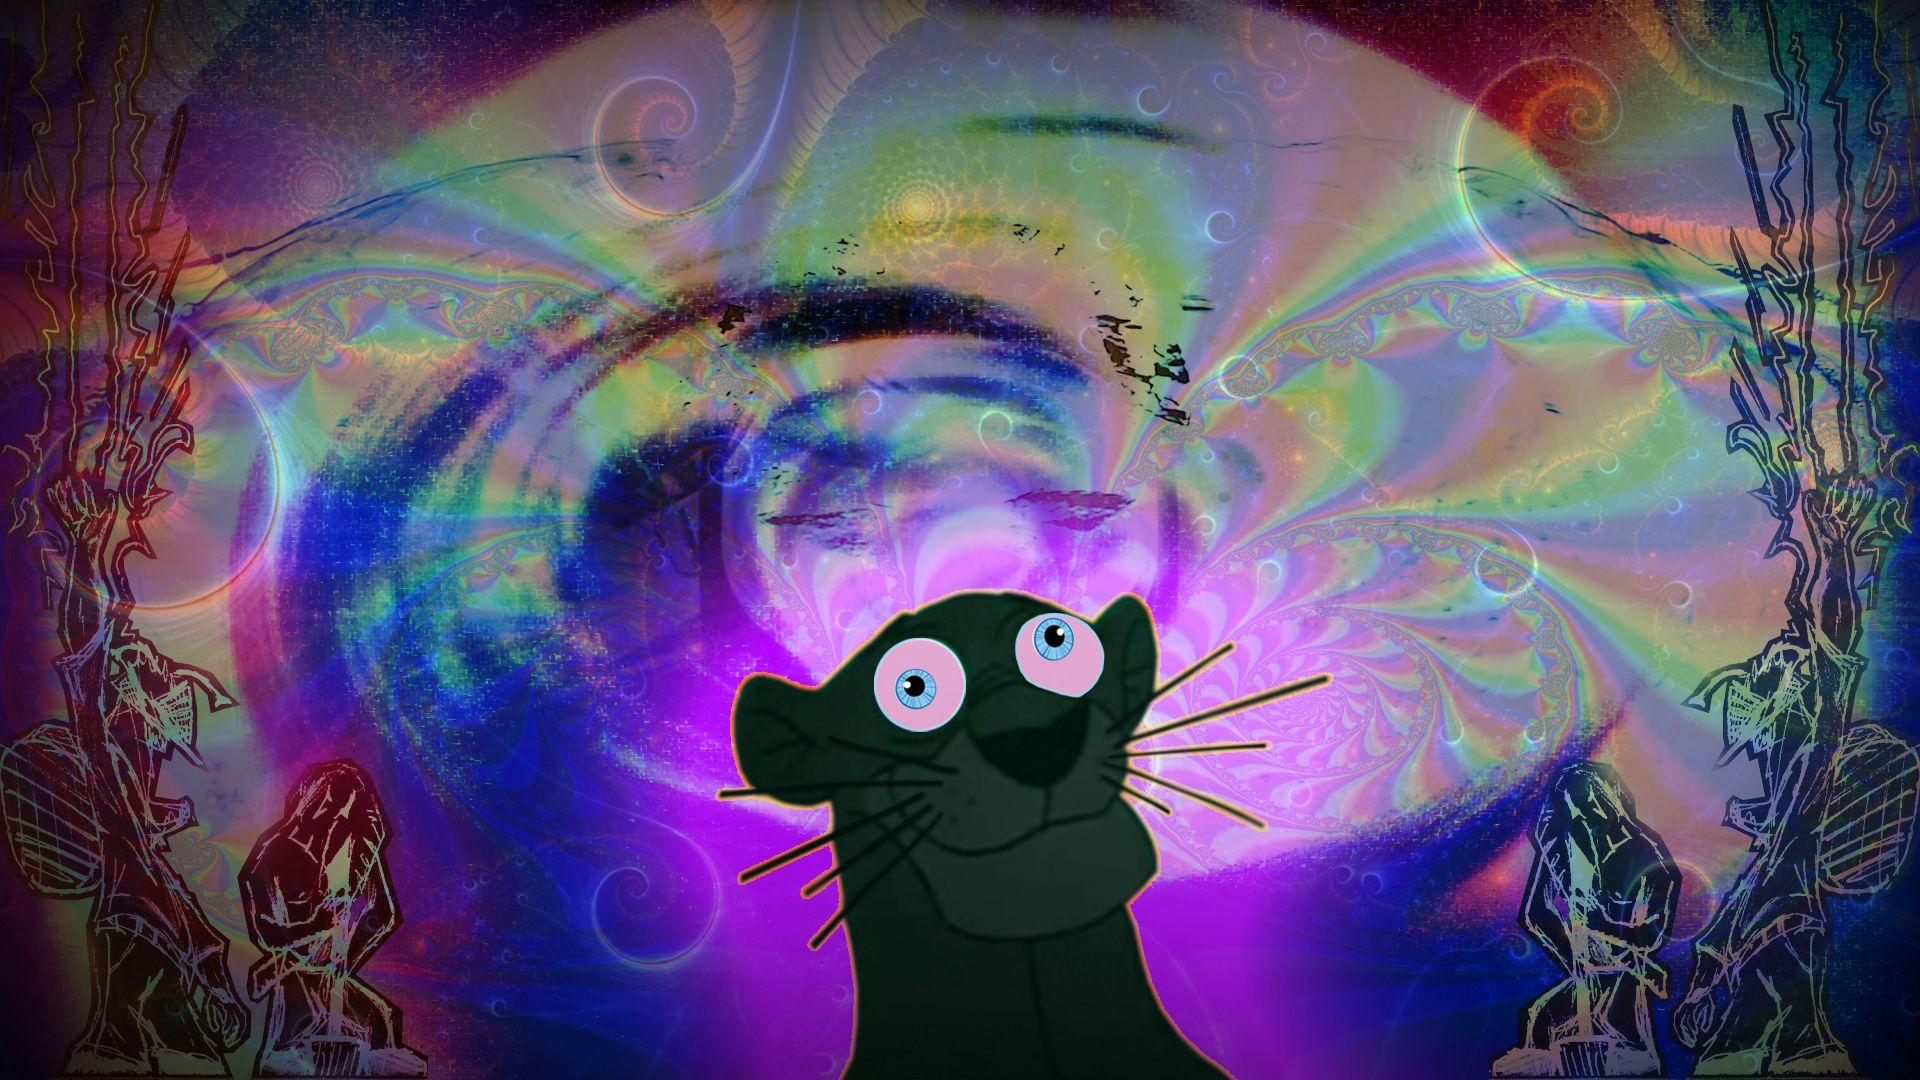 Зрительную галлюцинацию загрузили в мозг